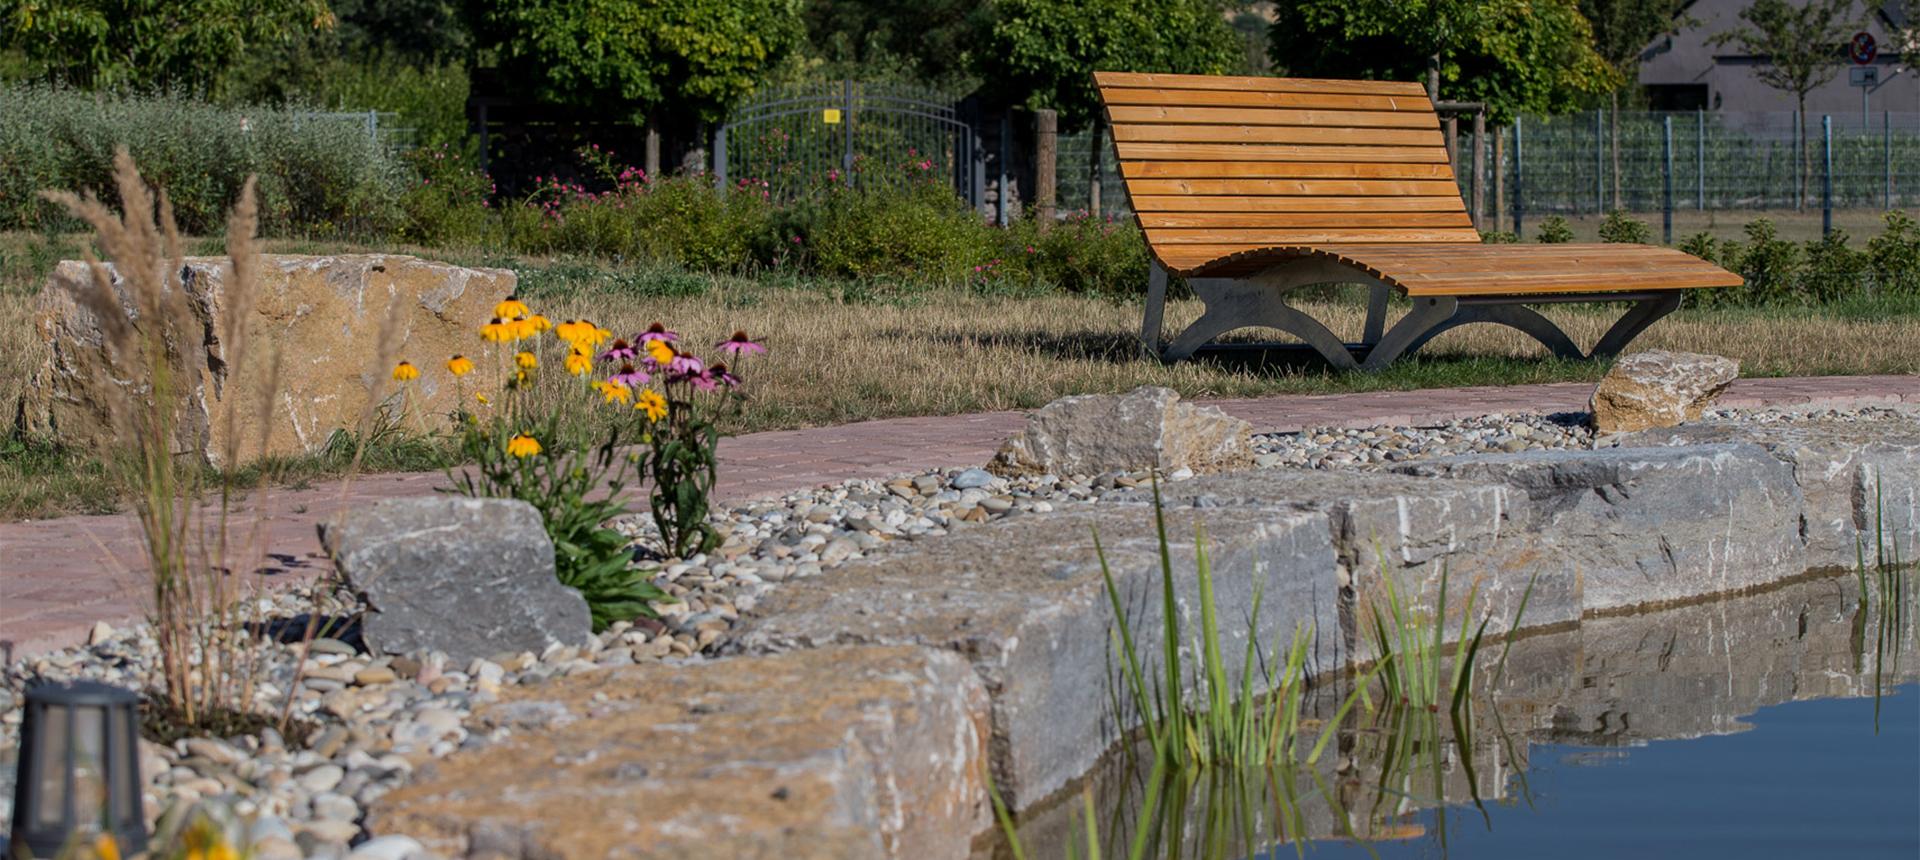 Wiejski ogród w Seehotel Niedernberg